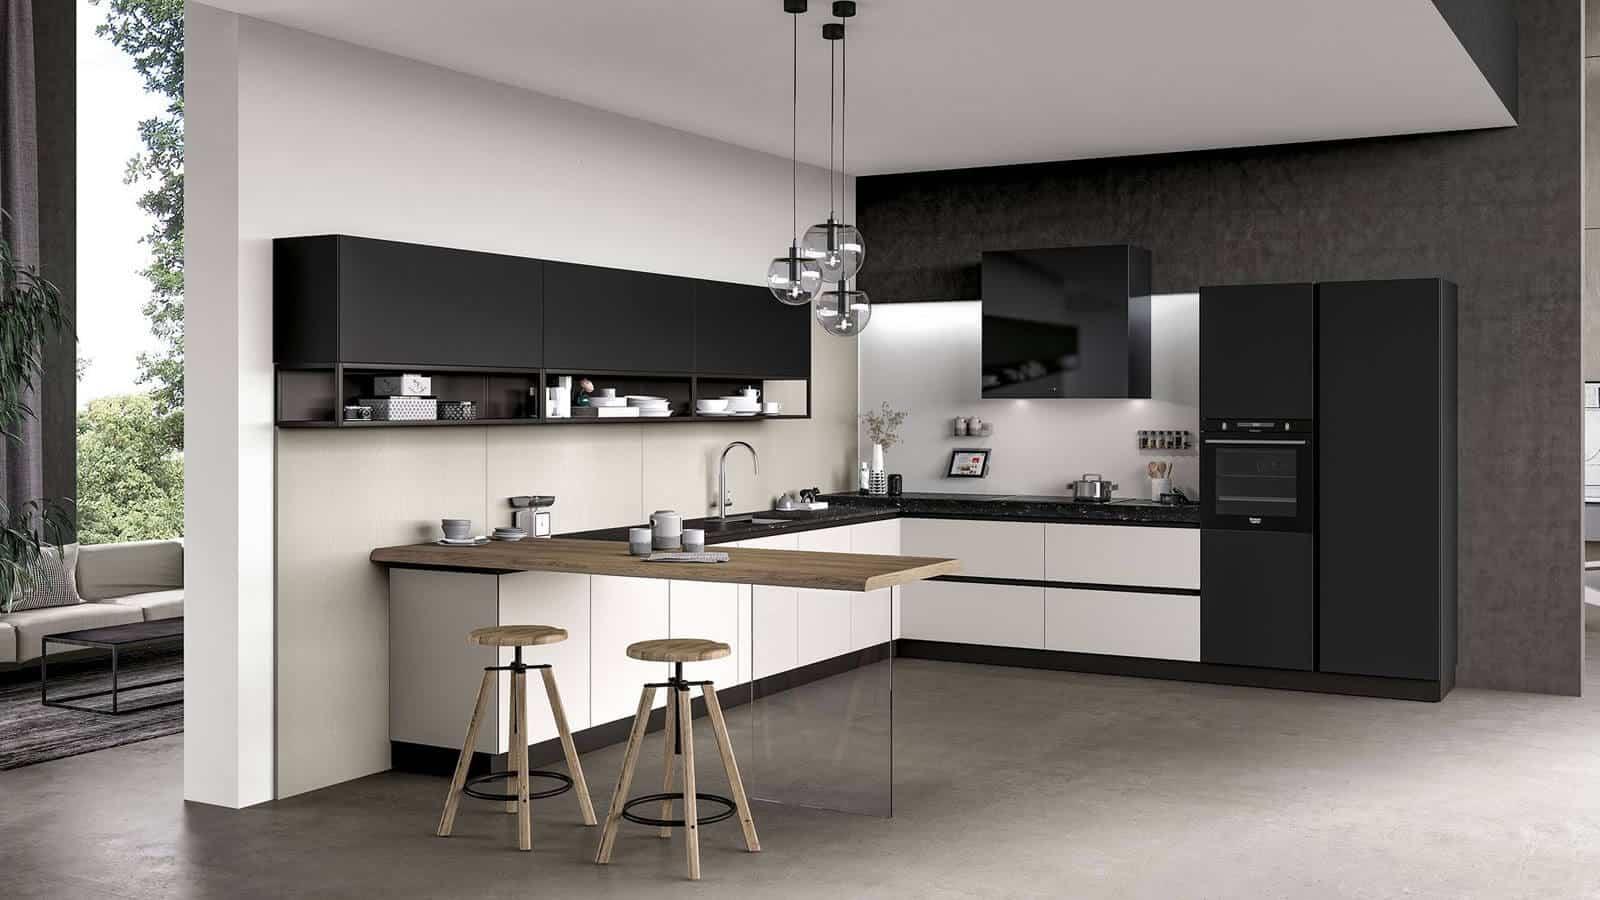 Cuisine Noir Et Blanc Mat cuisine noire et blanche design - kumpalo